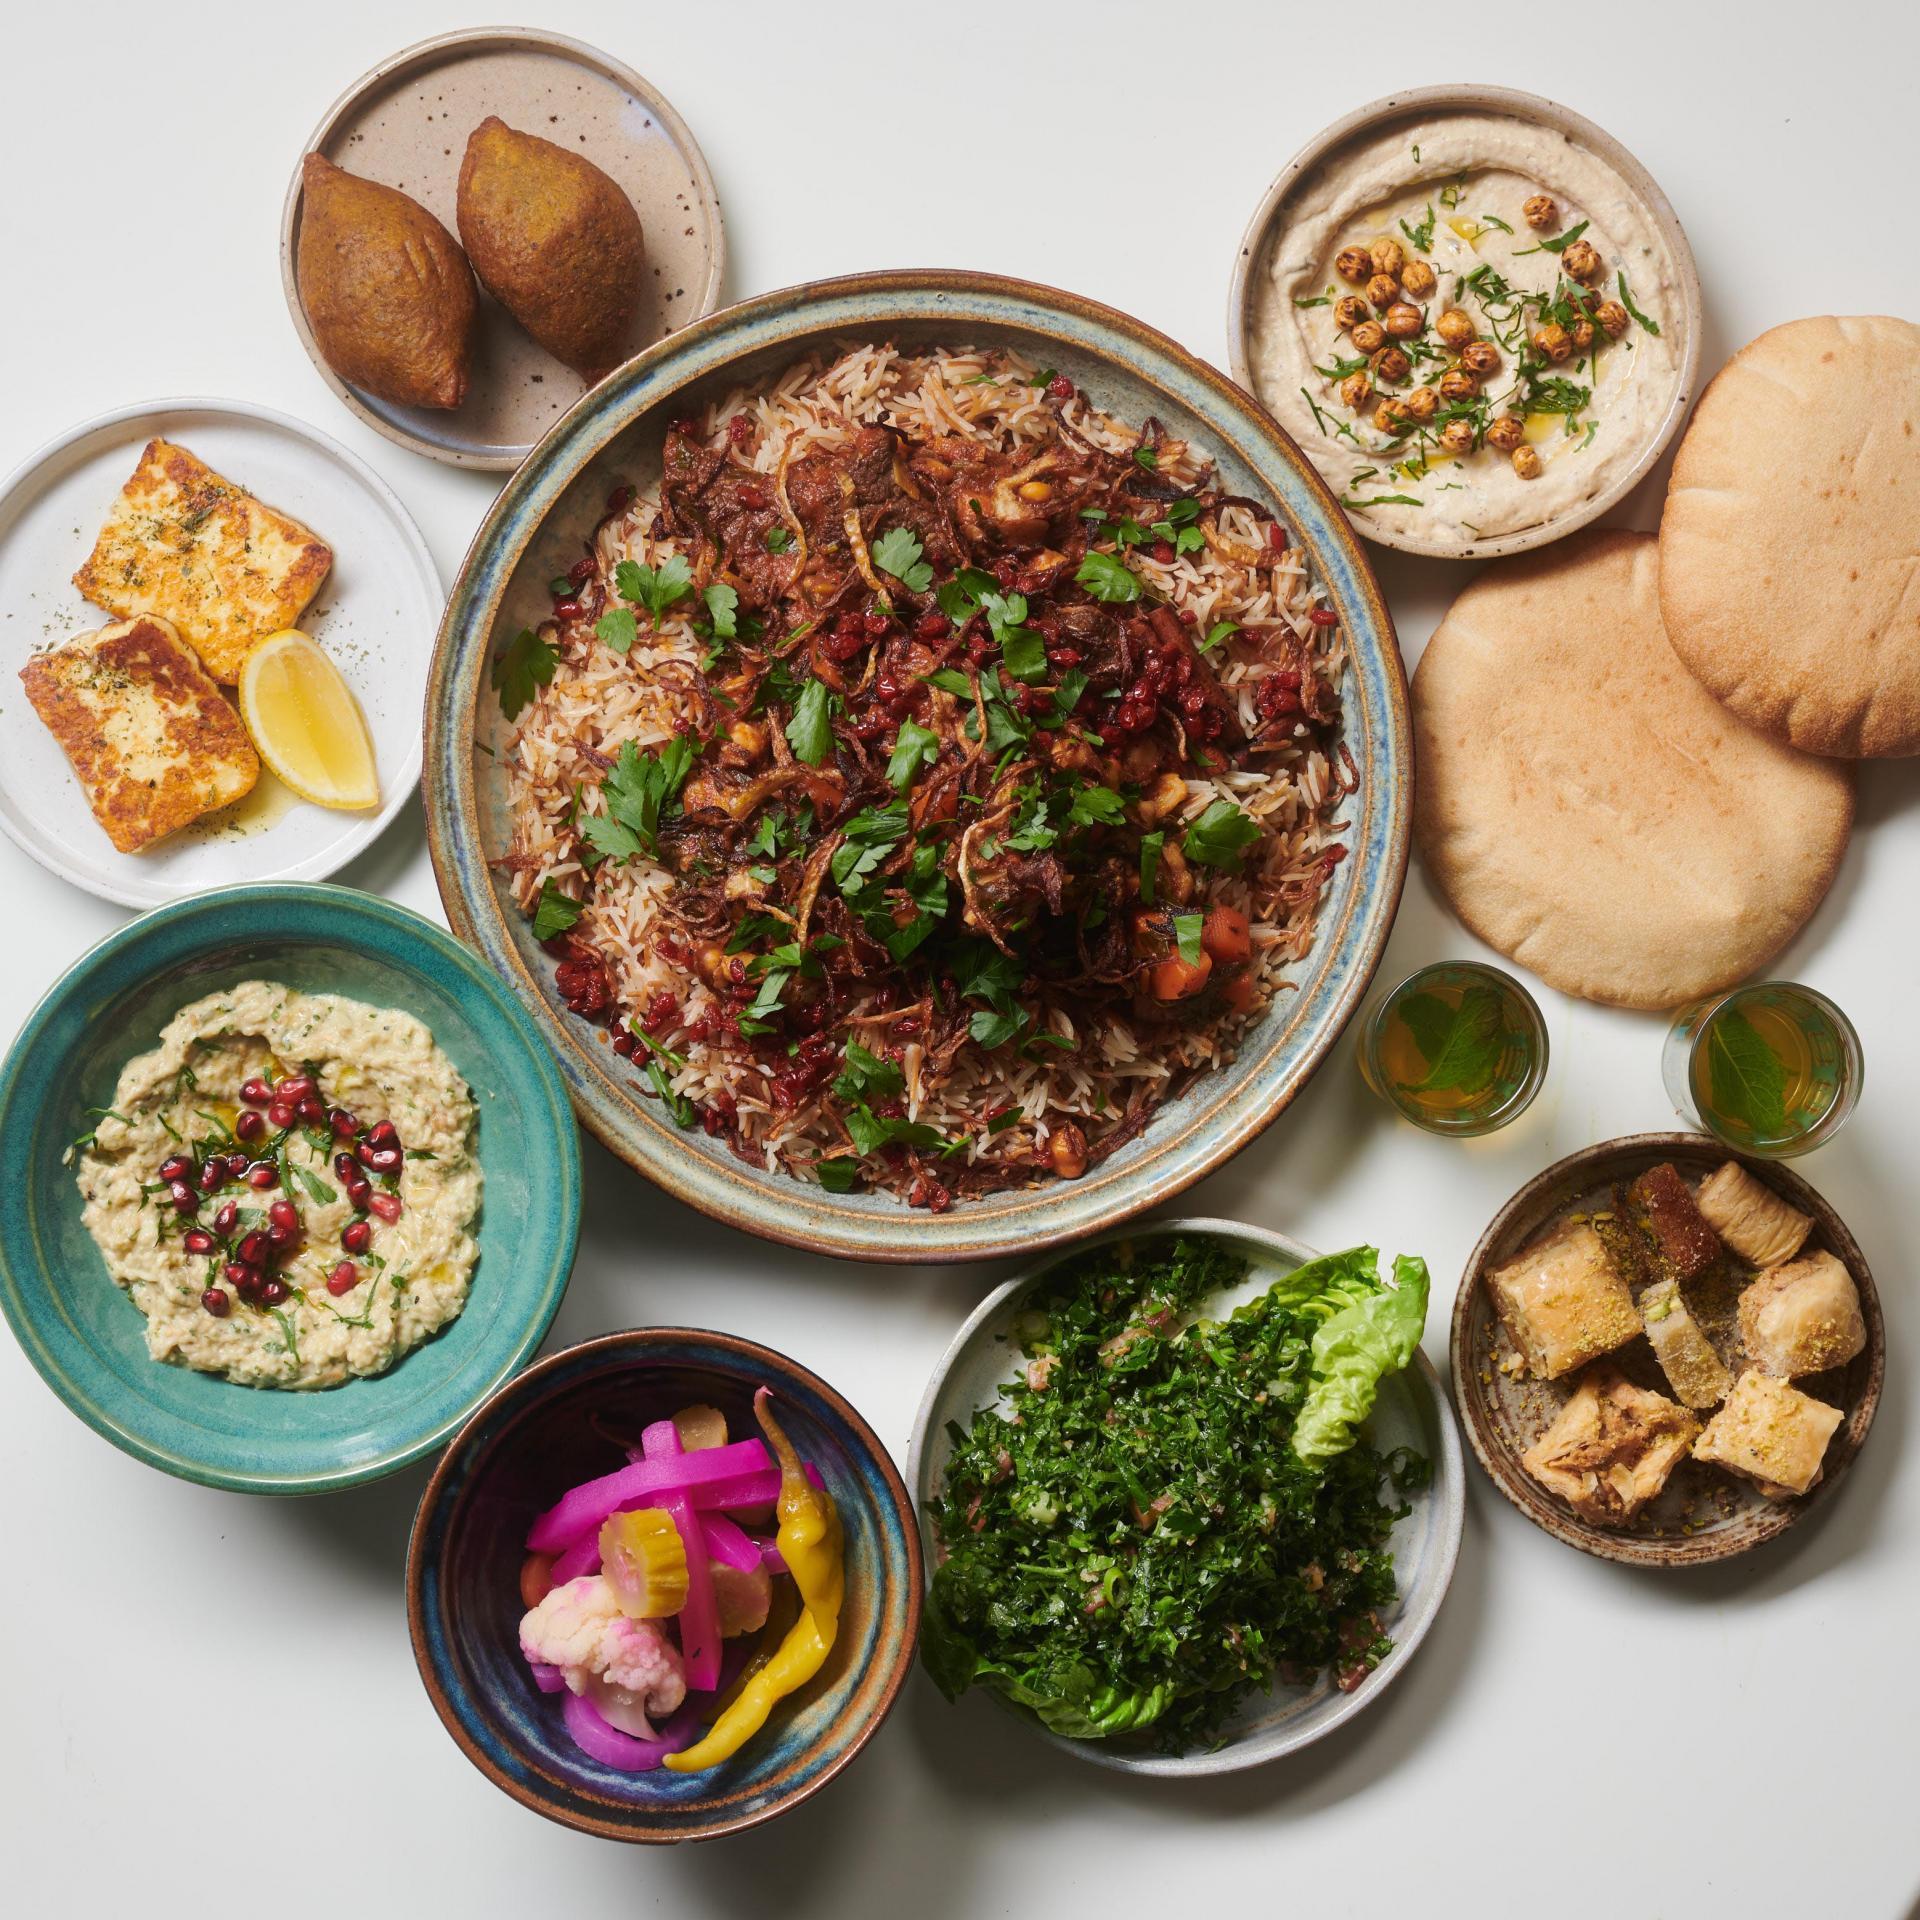 Restaurant meal kit: Arabica's Feast for Beirut